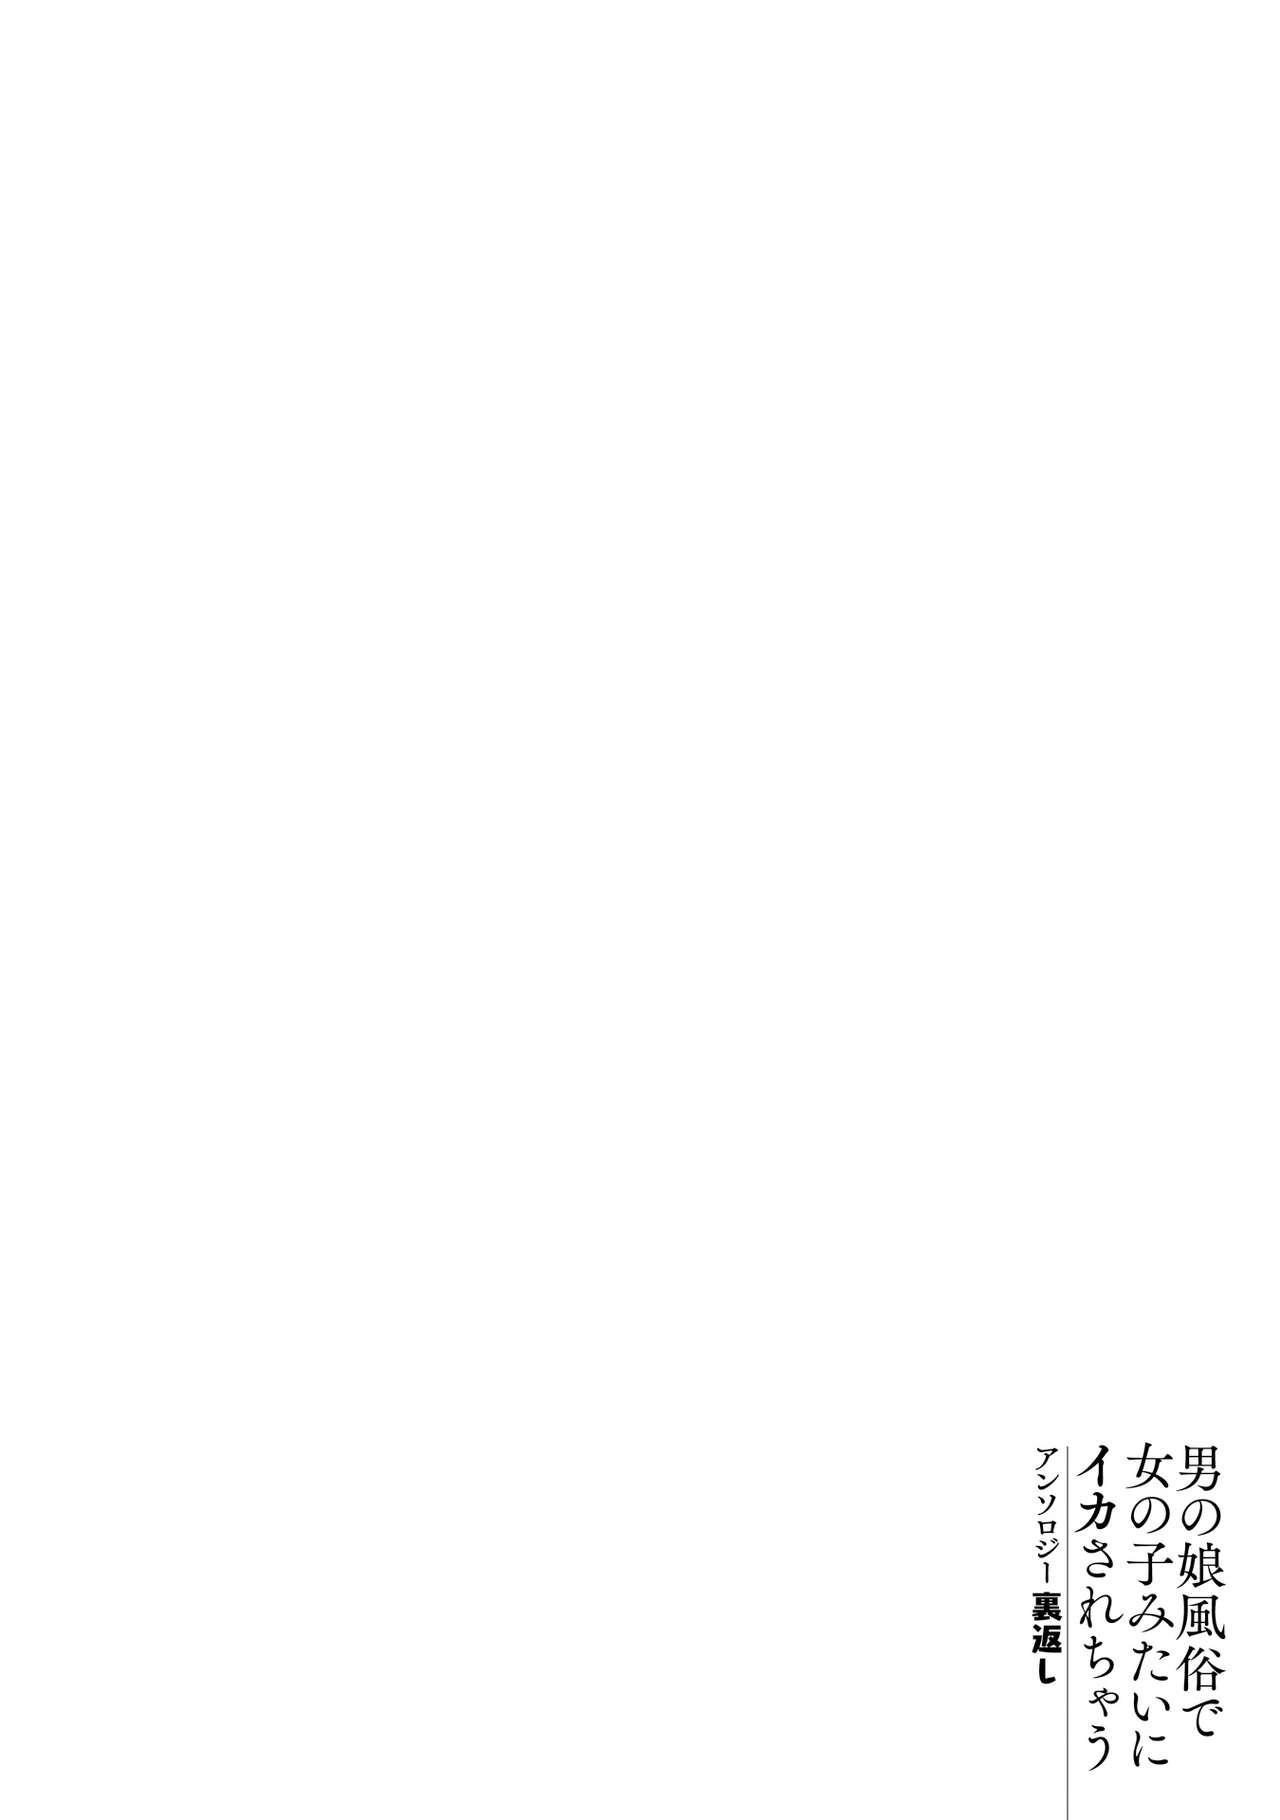 Otokonoko Fuuzoku de Onnanoko Mitai ni Ikasarechau Anthology 2 uragaeshi 81